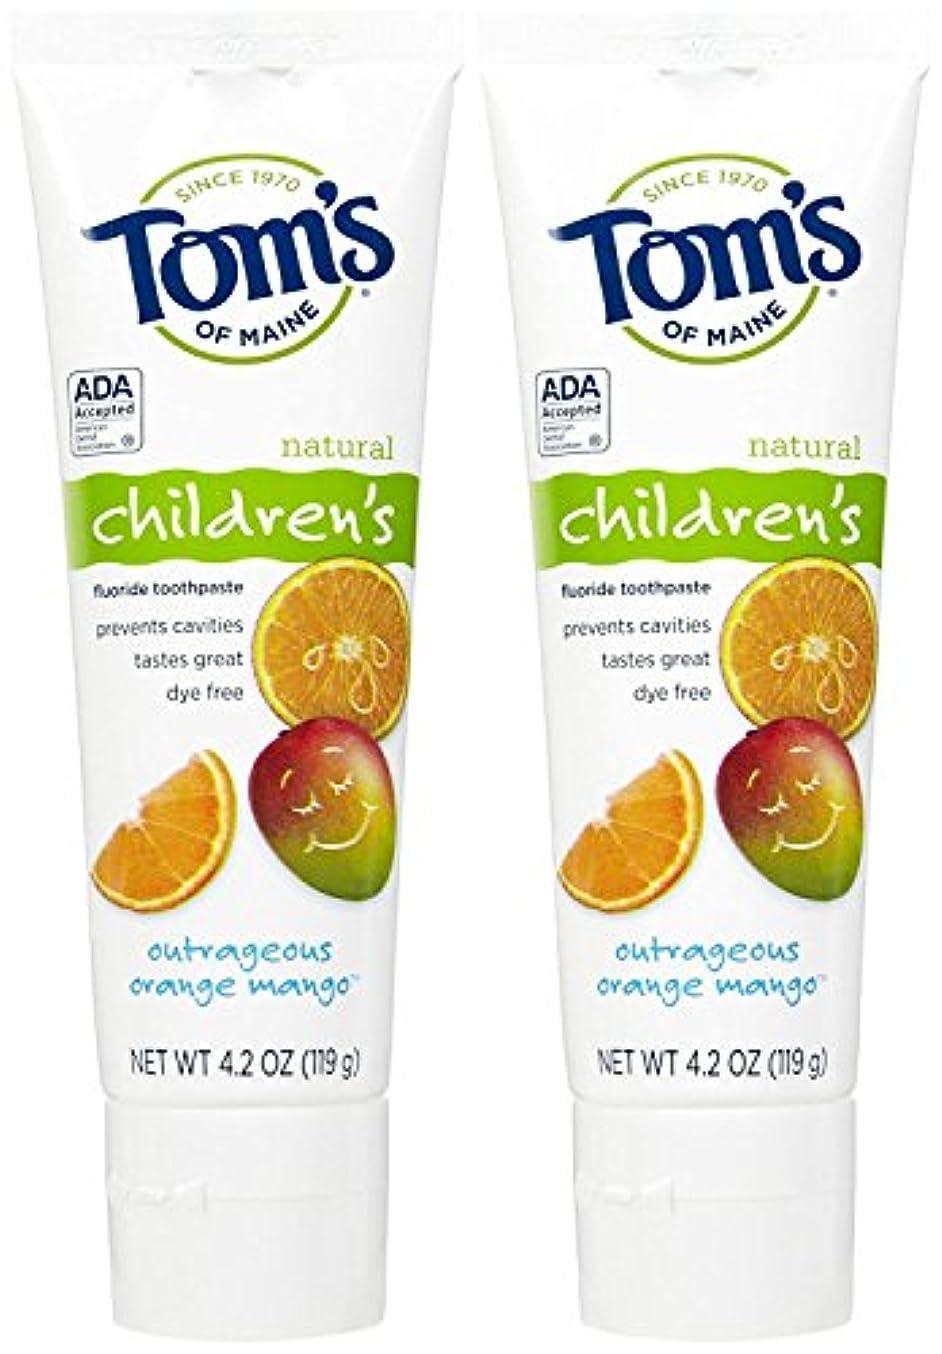 識字上級粒子Tom's of Maine Anticavity Fluoride Children's Toothpaste, Outrageous Orange-Mango - 4.2 oz - 2 pk by Tom's of...